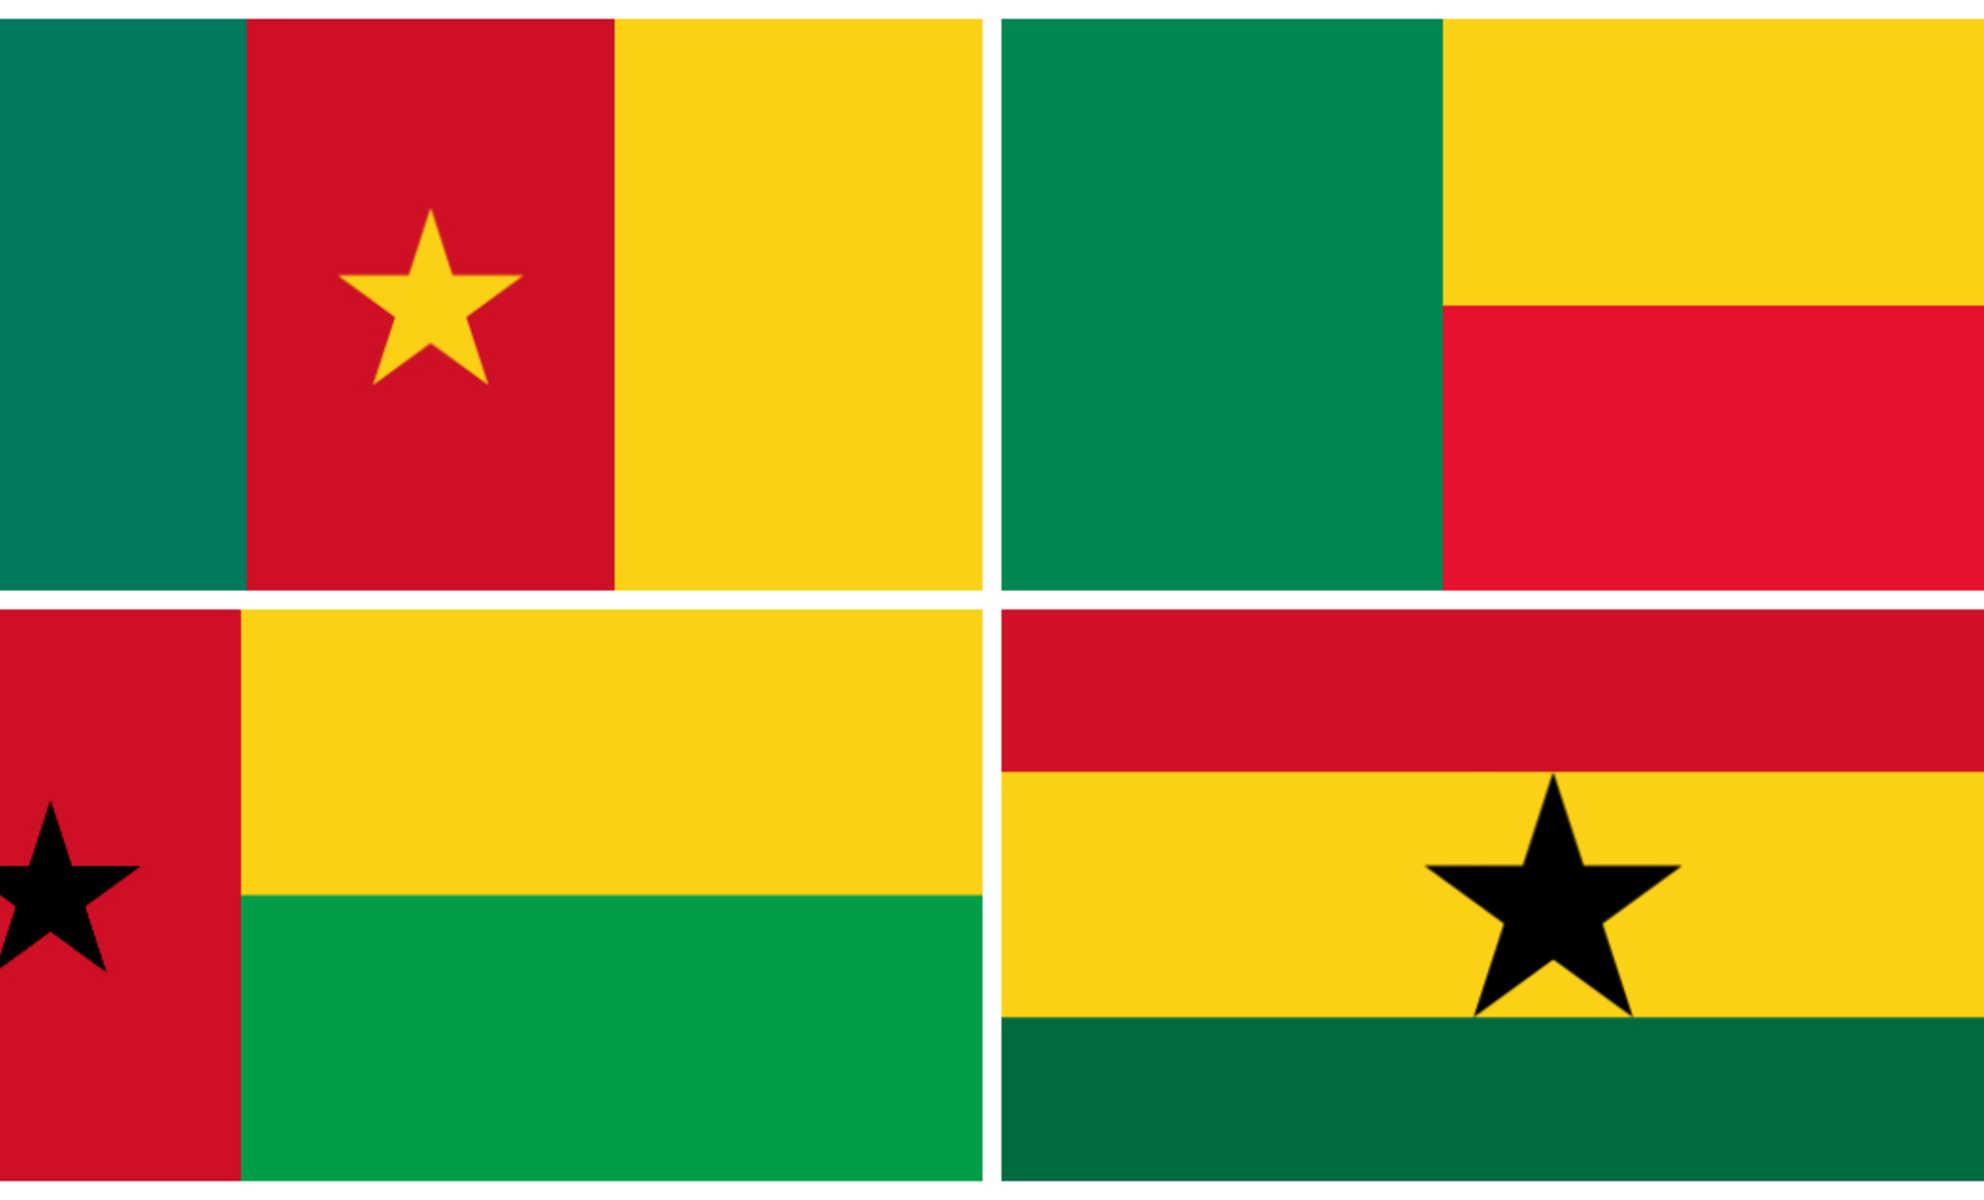 لماذا تتشابه الأعلام الأفريقية بألوانها الحرة